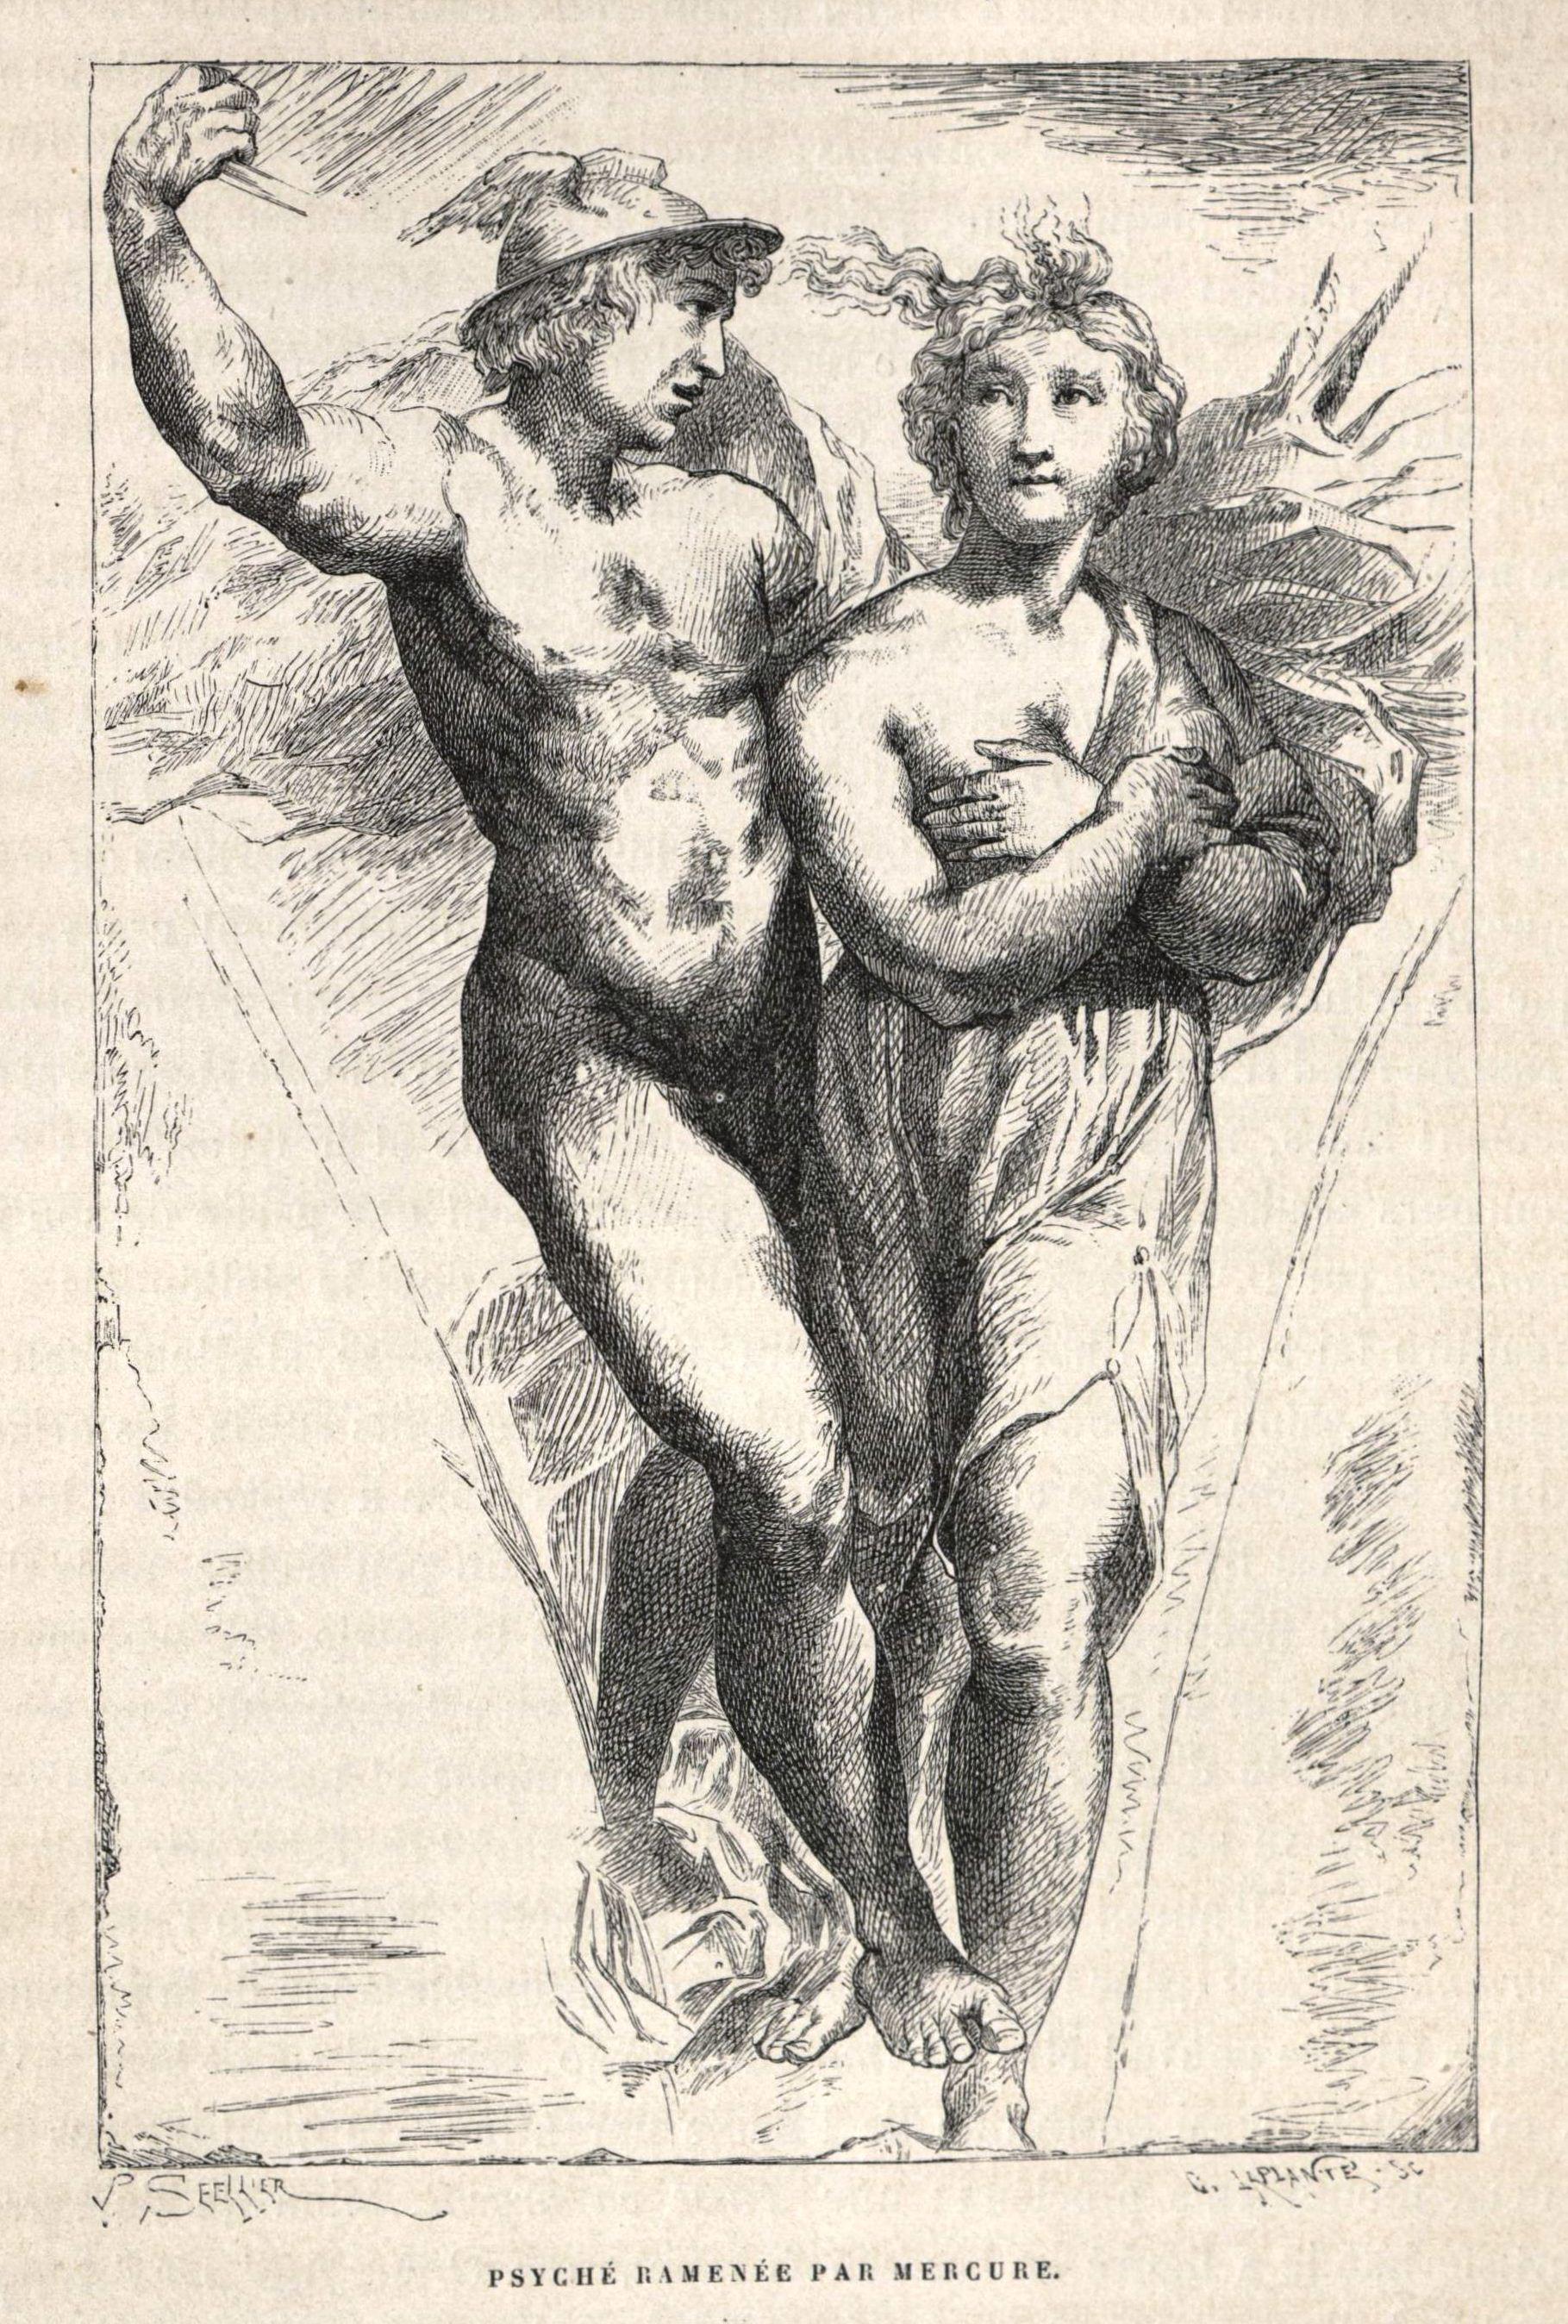 Psique acompañada por Mercurio. El dios conduce a la bella joven al cielo, donde se hará inmortal bebiendo ambrosía.